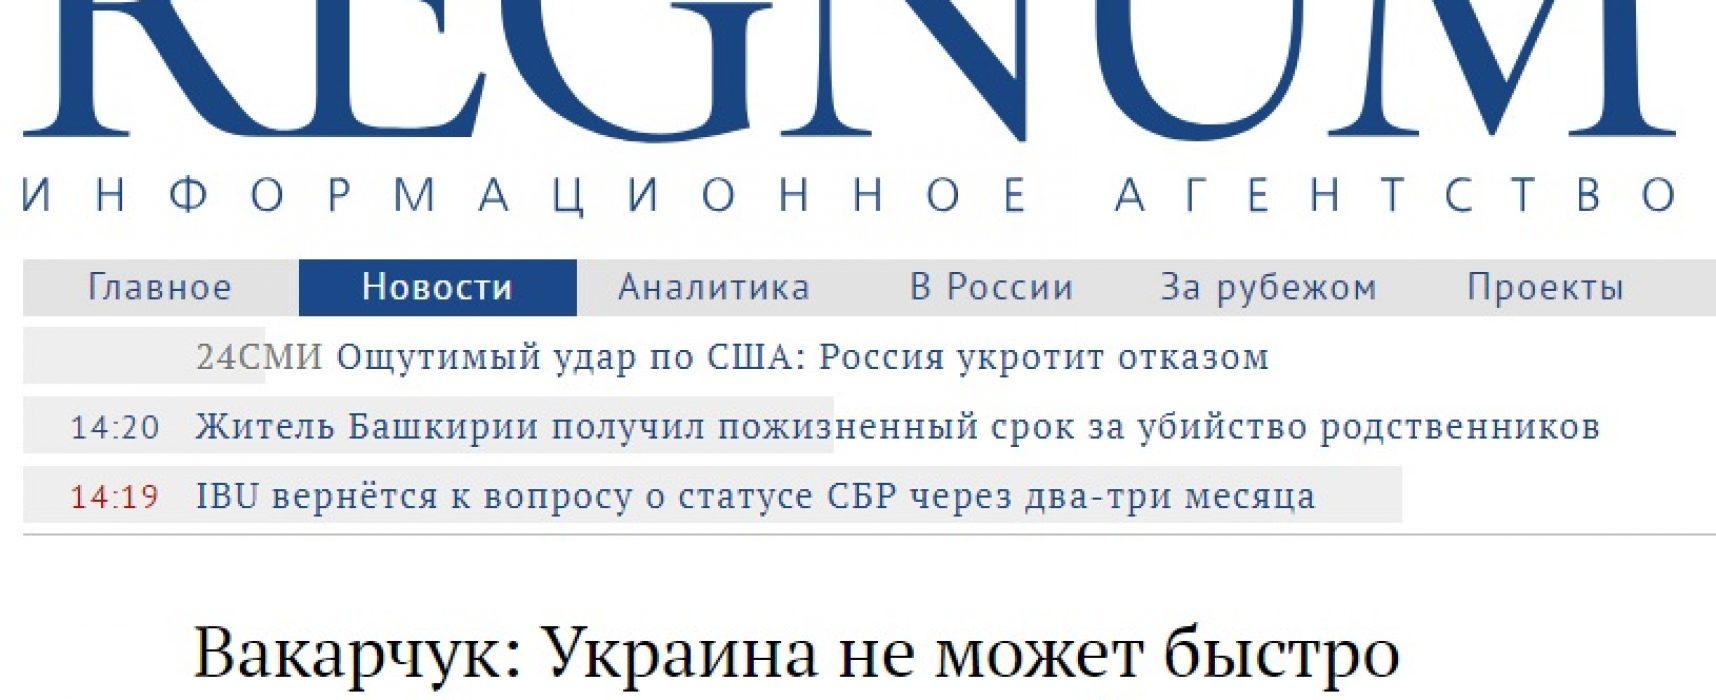 Вакарчук: Украина не может быстро закончить «гражданскую войну» – манипуляция